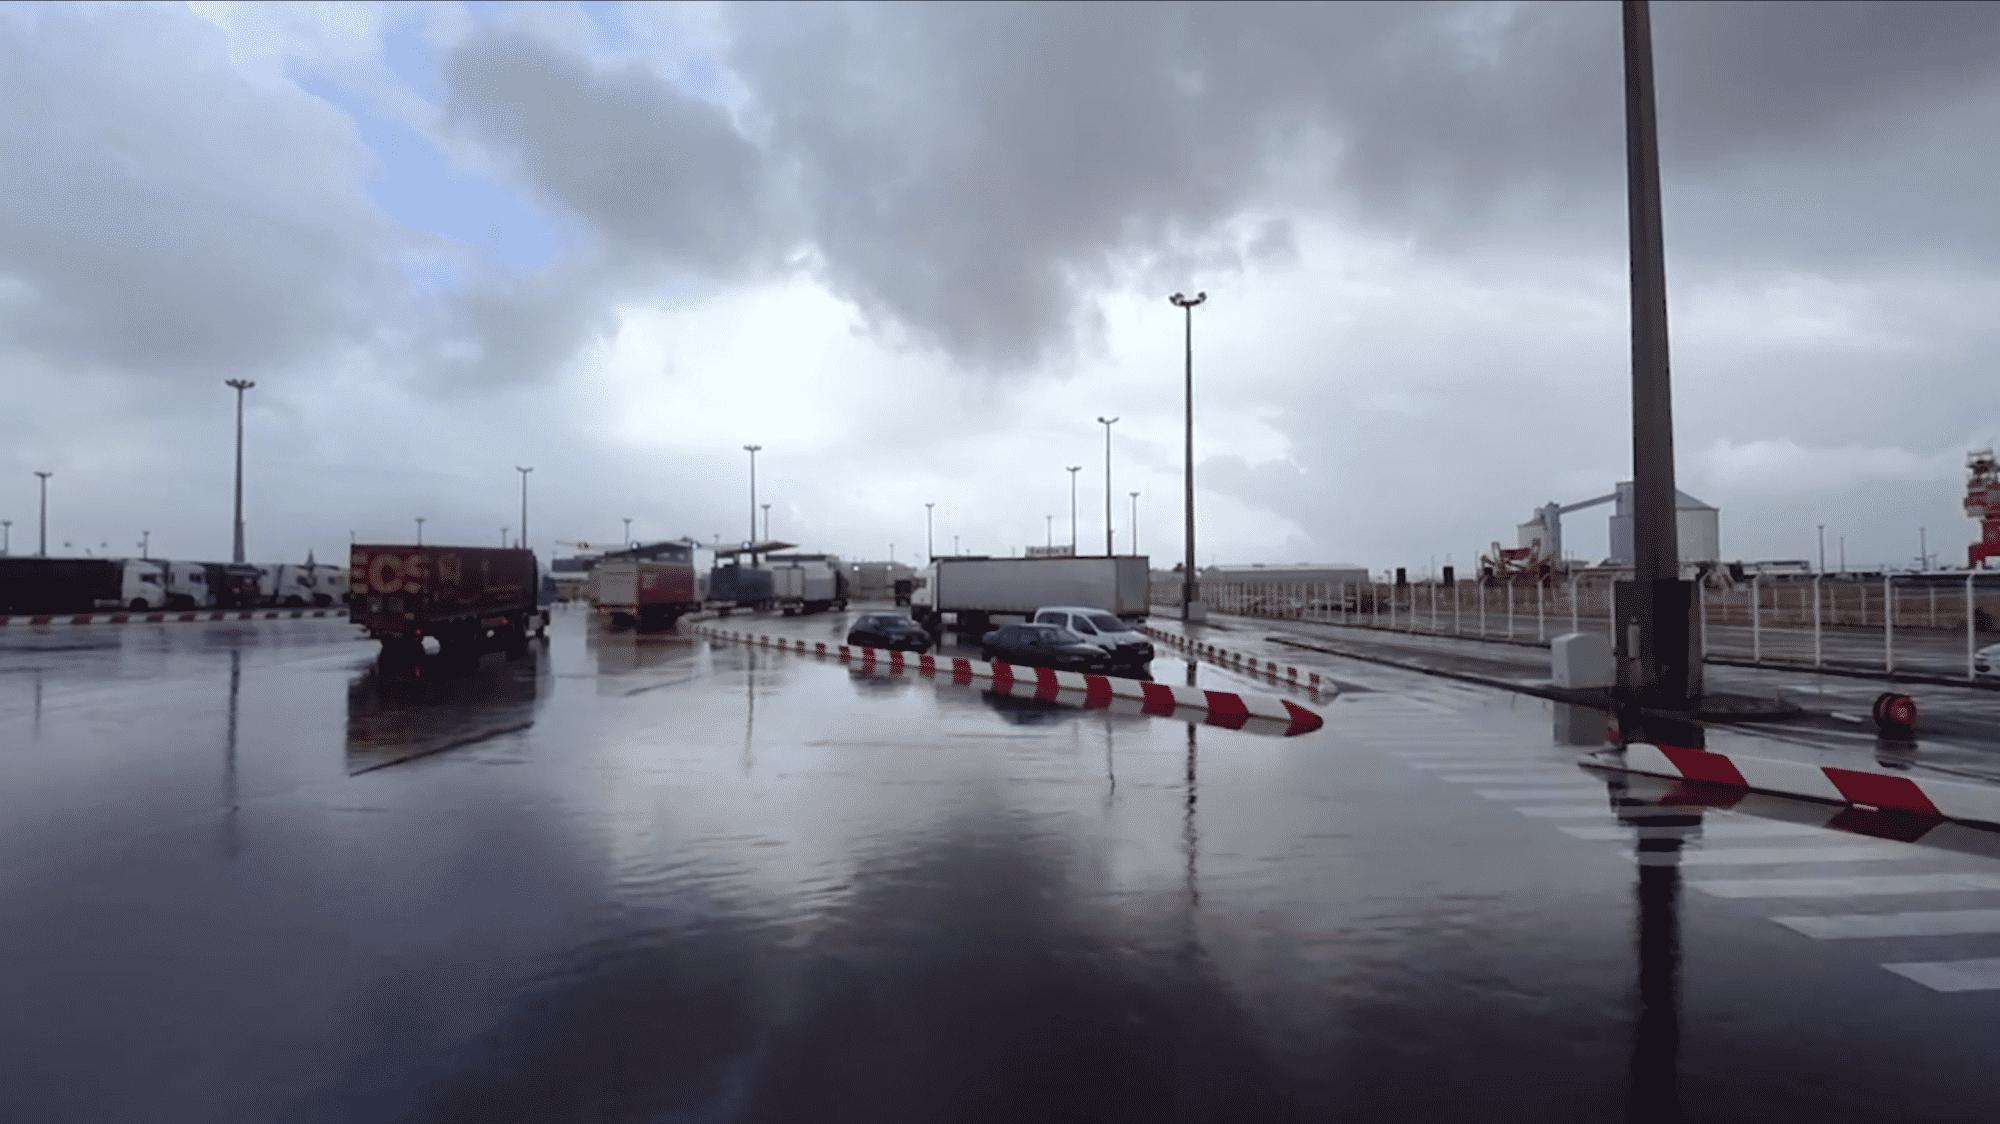 Missing Link: Grenztechnik in Calais – Die Stadt der Zäune und das Land der Träume